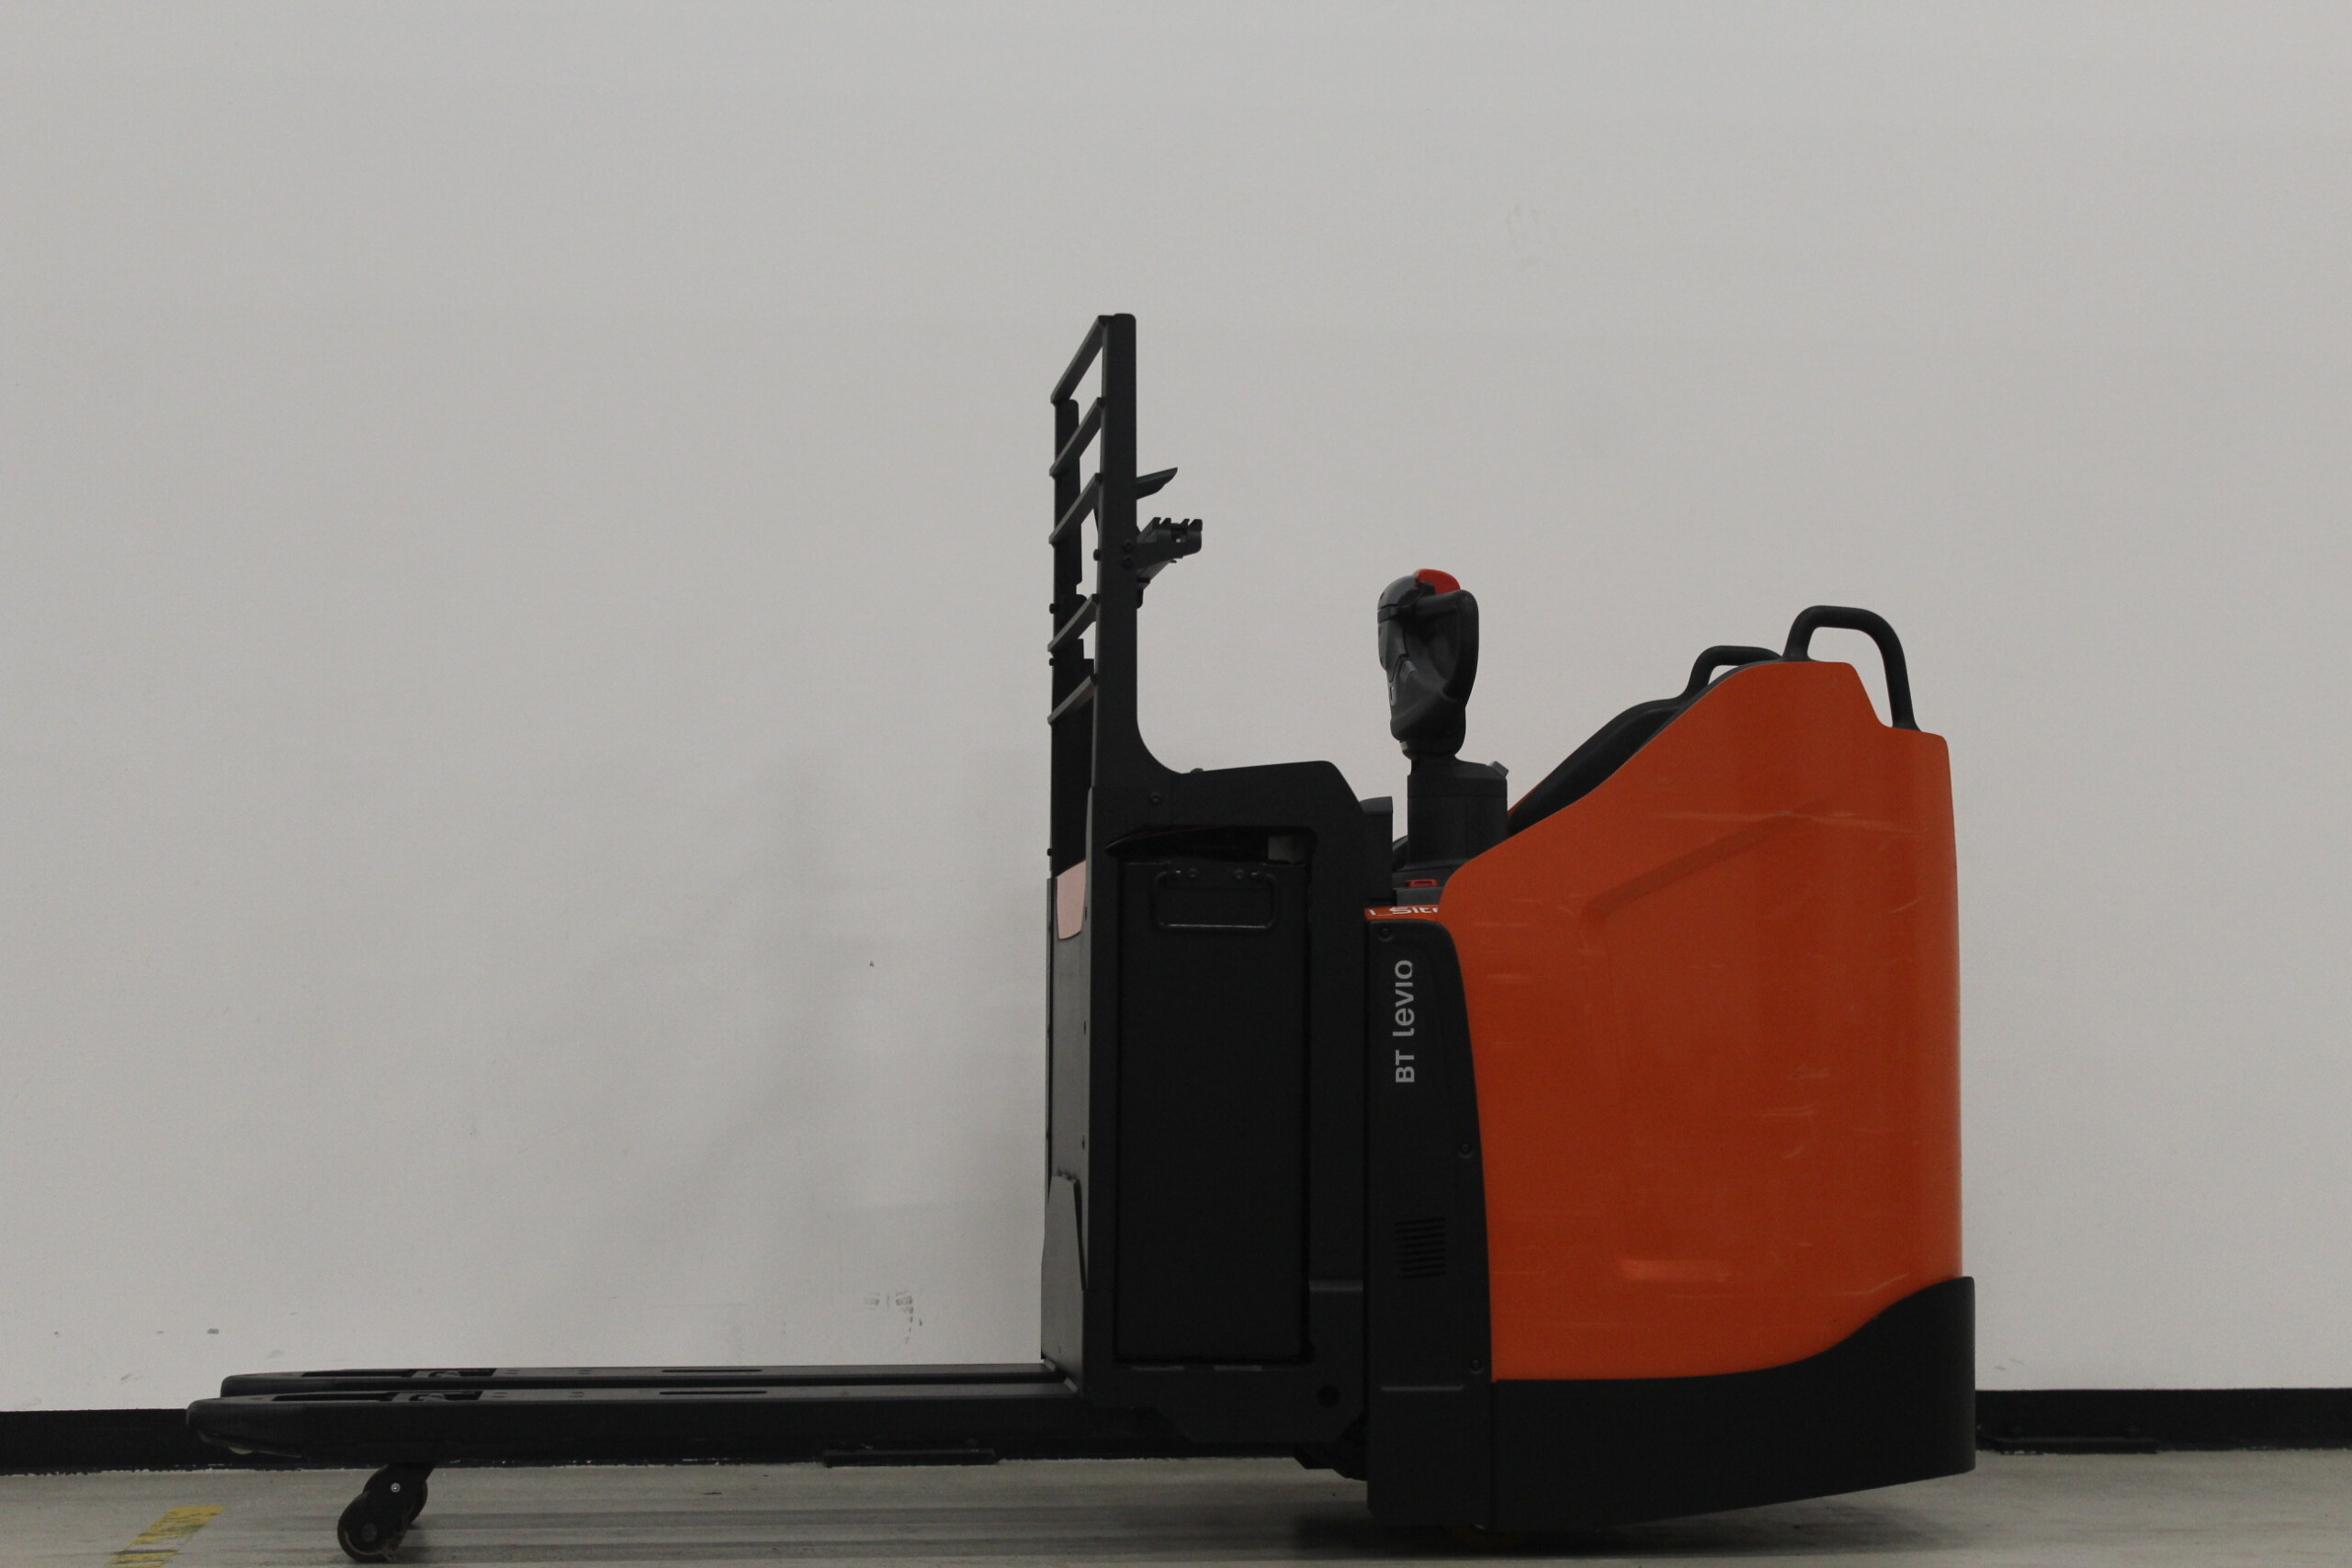 Toyota-Gabelstapler-59840 1803003279 1 56 scaled